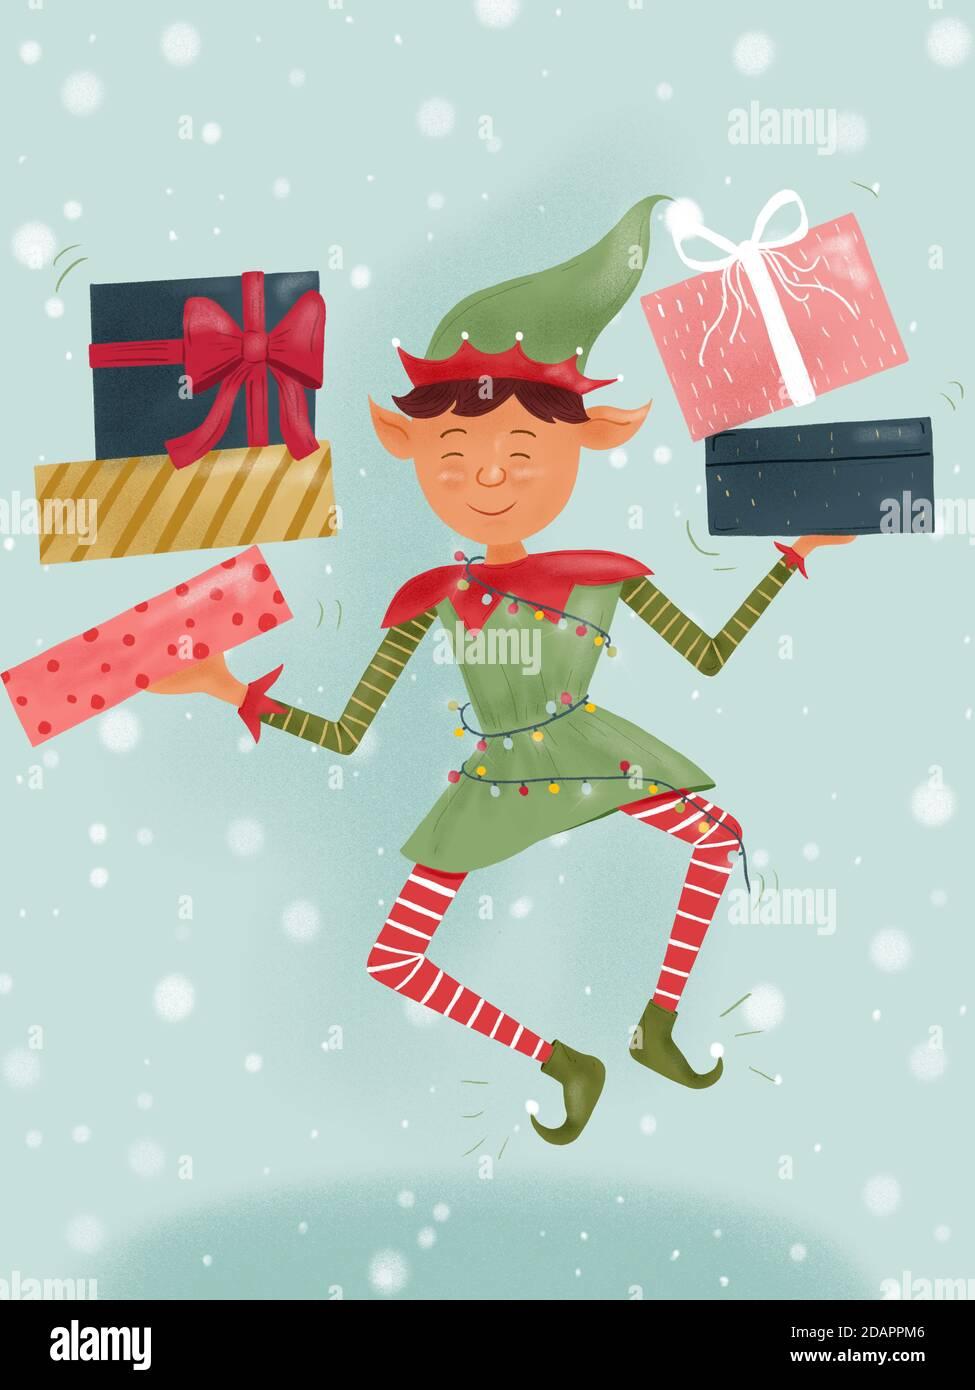 Dibujo a mano Ilustración de la enana de Navidad Elf sosteniendo regalos de Santa Claus. Foto de stock